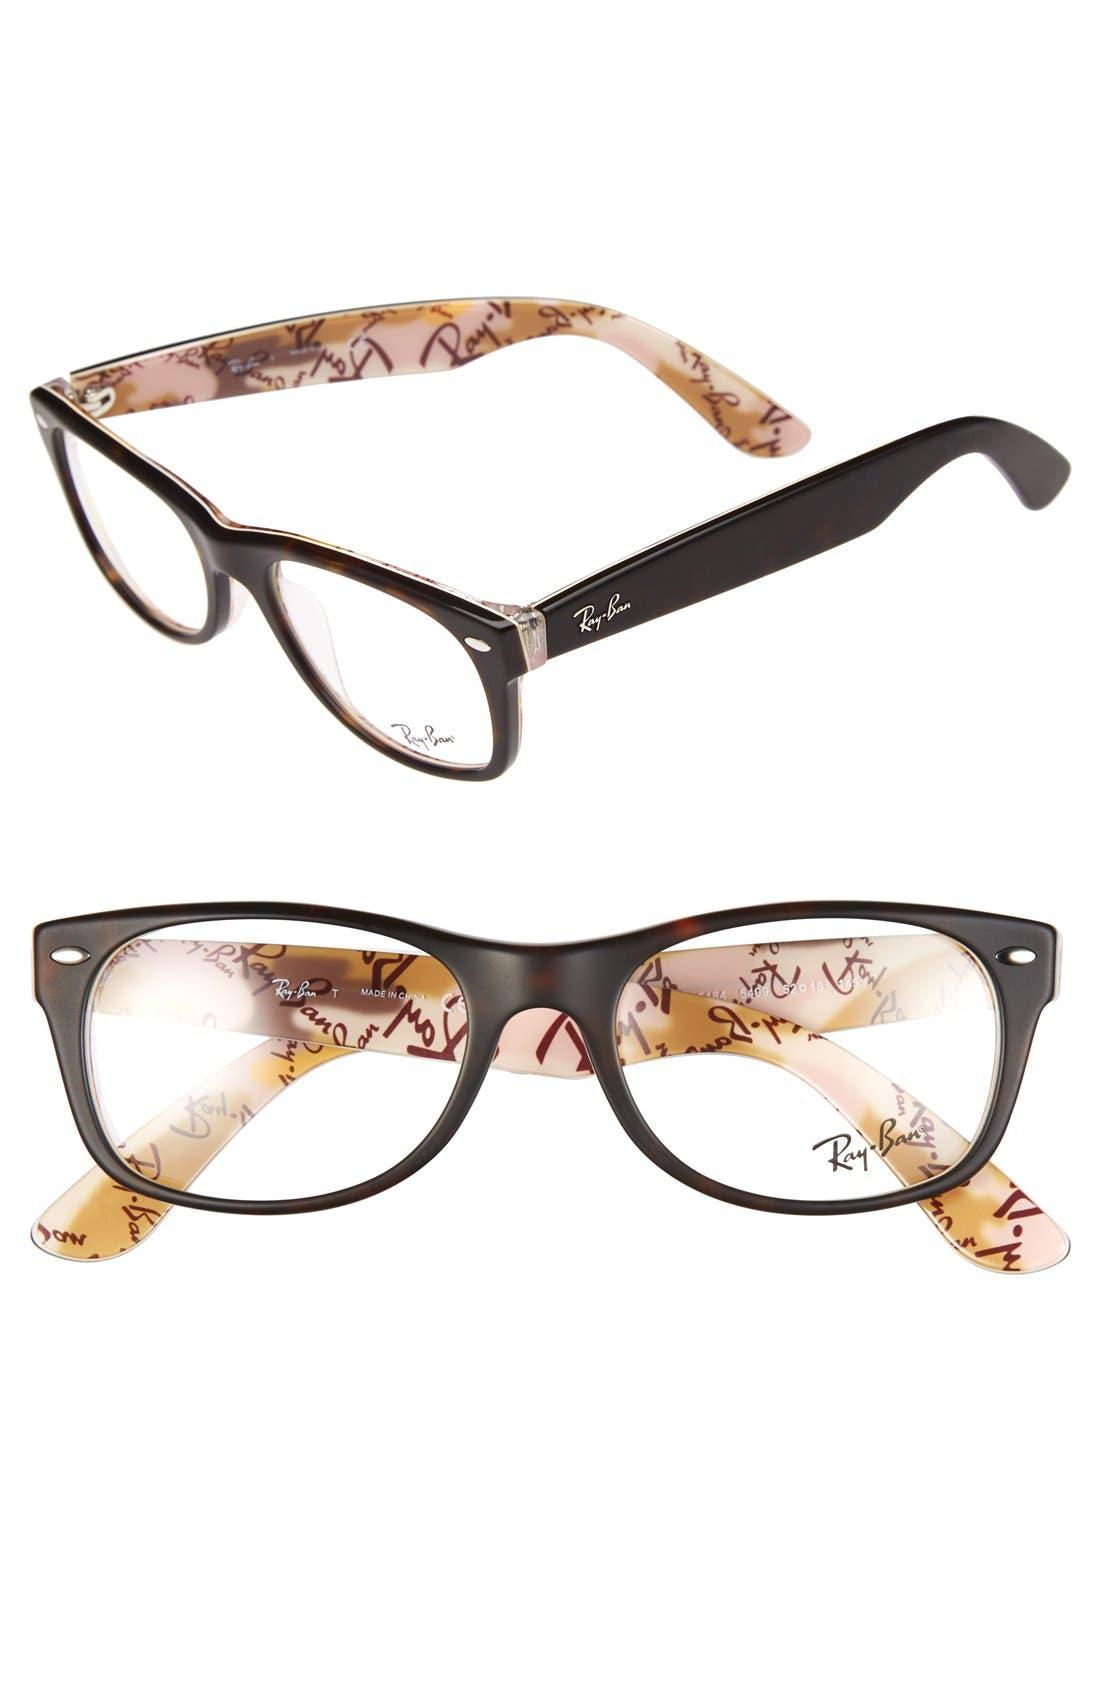 Main Image - Ray-Ban 52mm Optical Glasses